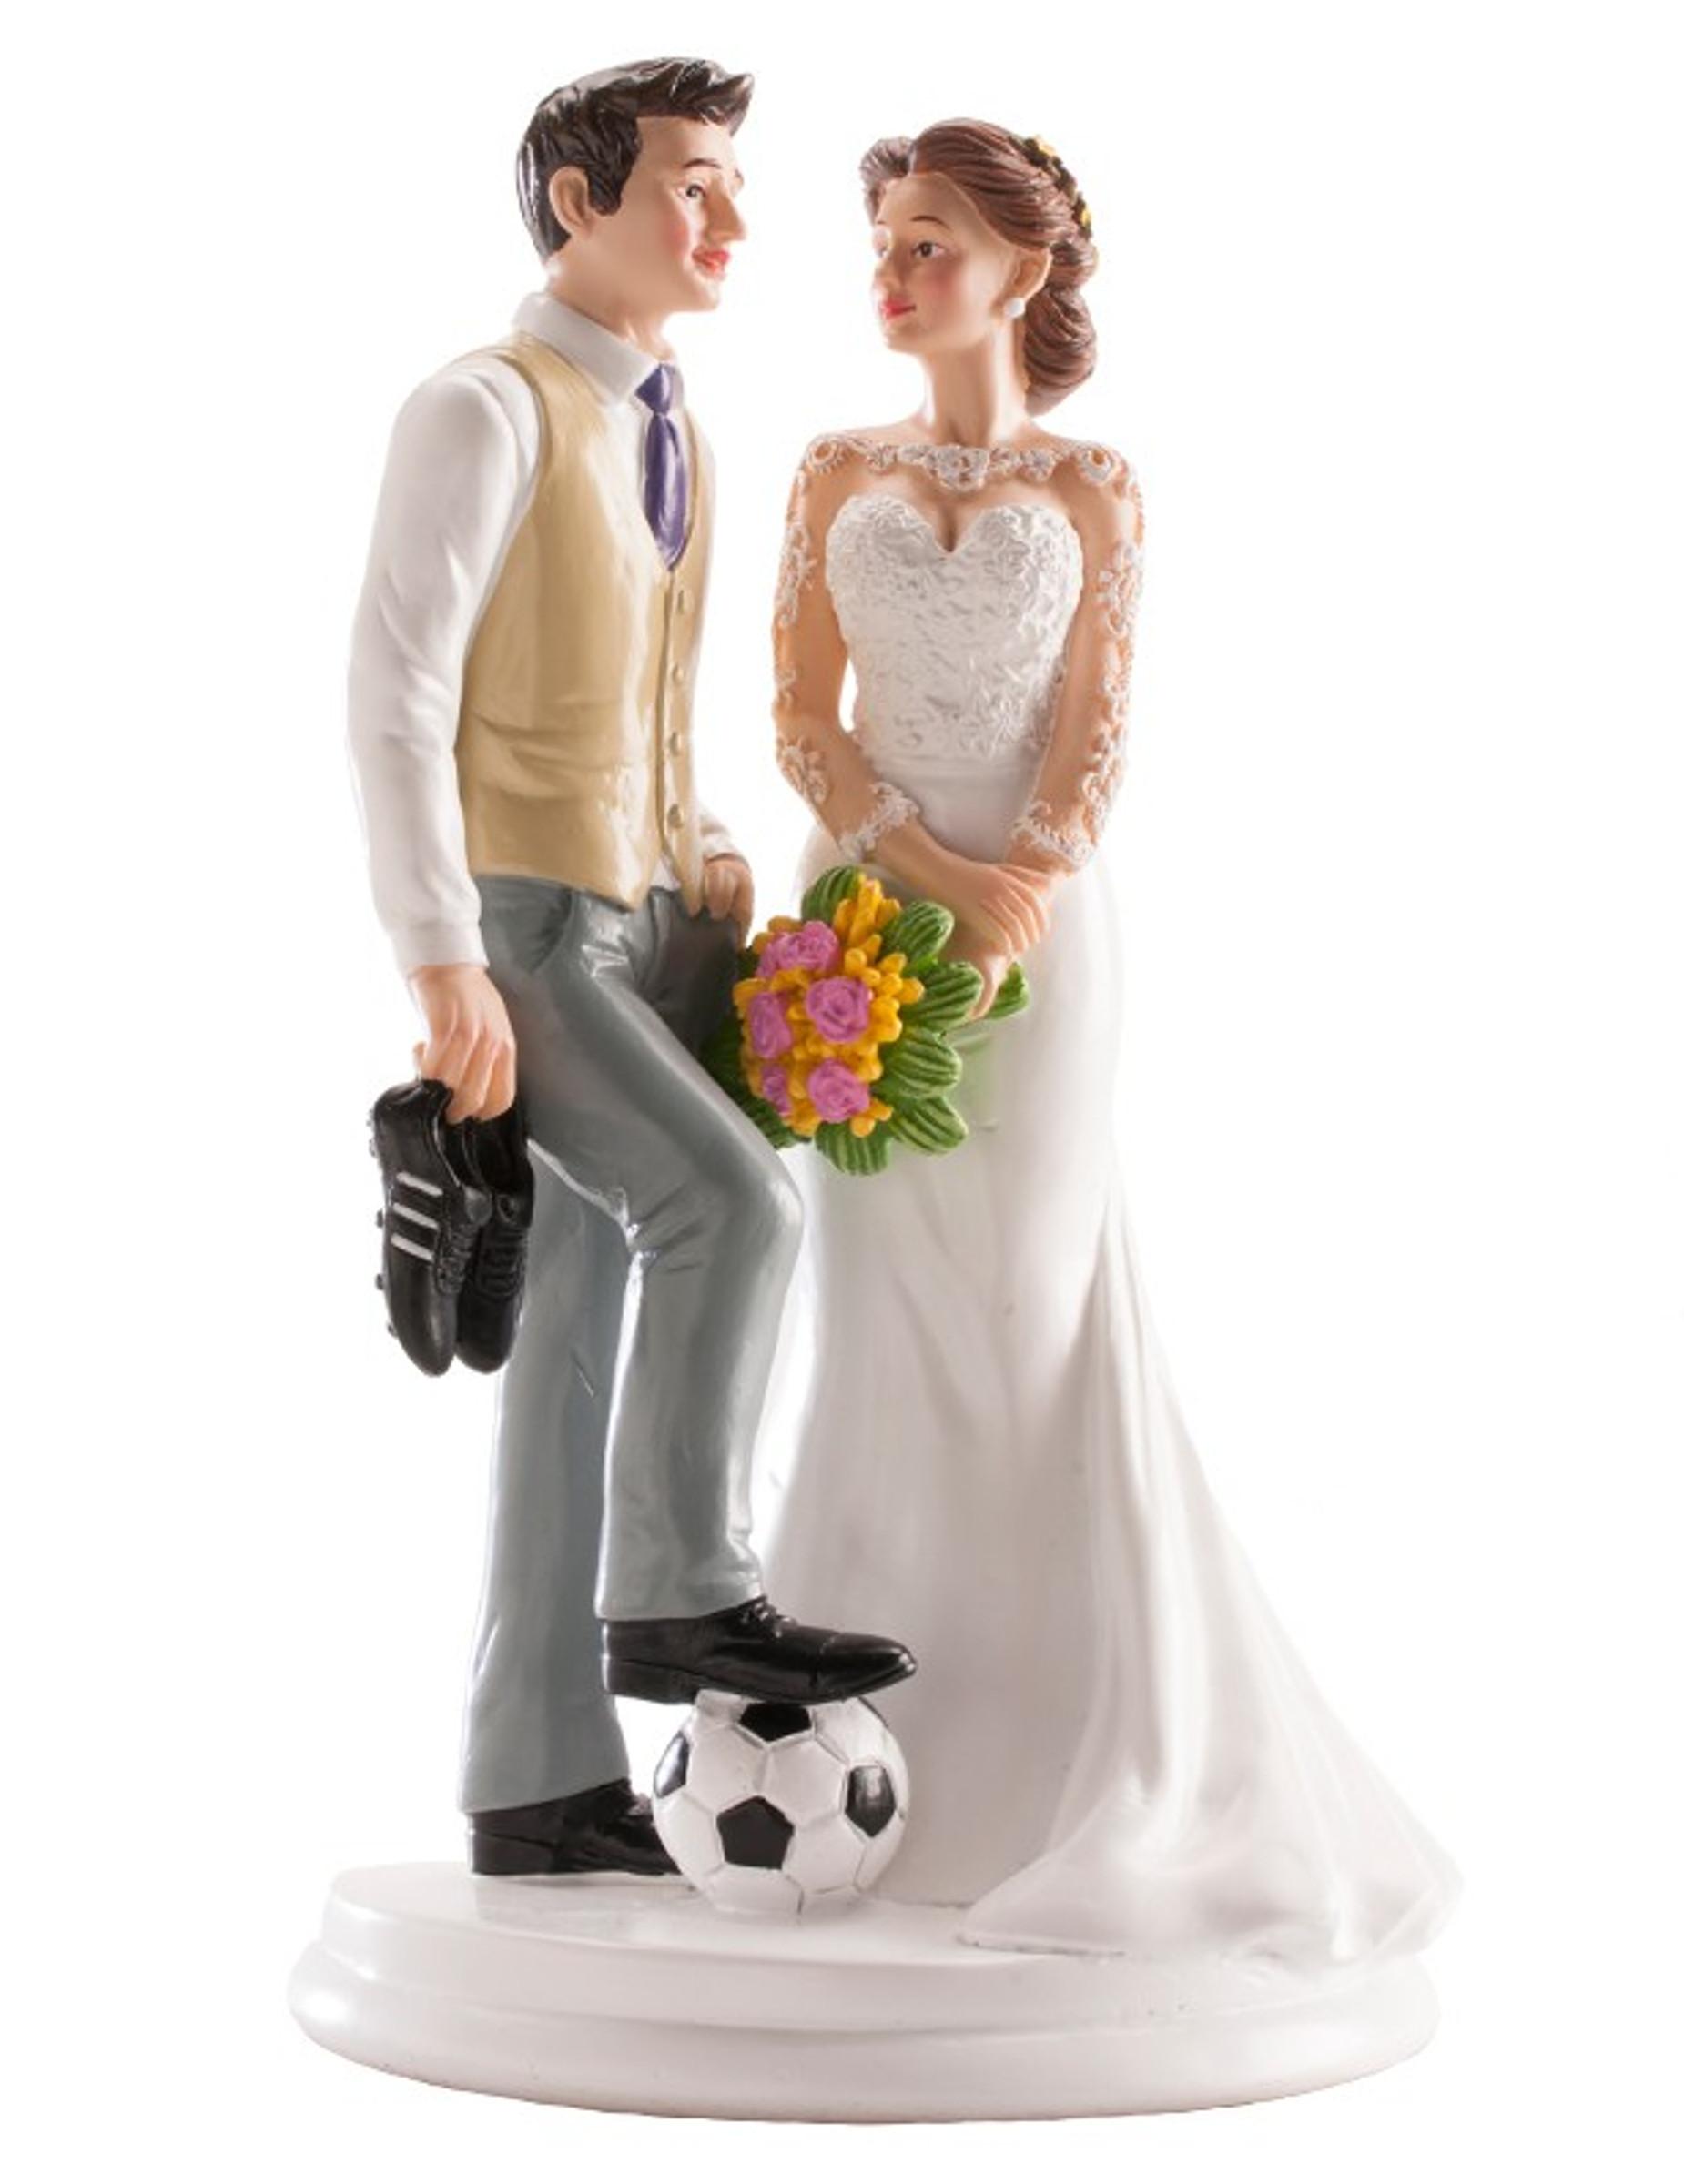 Fussball Brautpaar Figur für Torte 72696